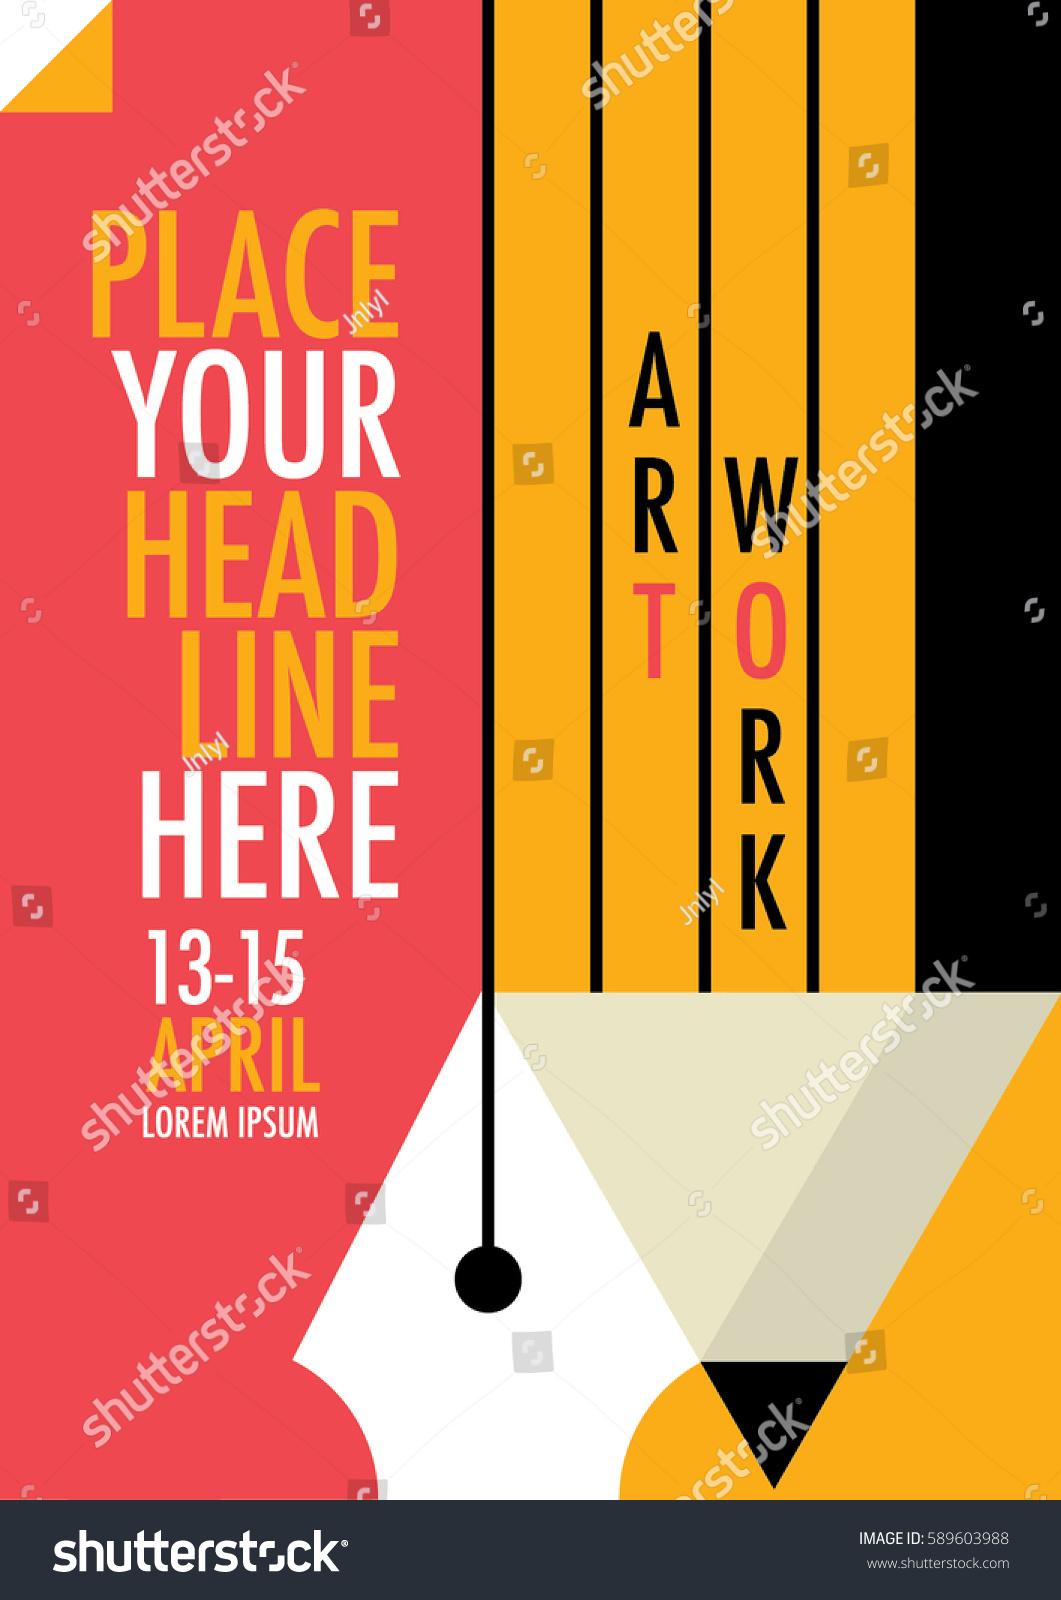 Poster design workshop - Advertising Workshop Poster Design Minimalist Art Poster Illustrations Of Pen Pencil And Paper